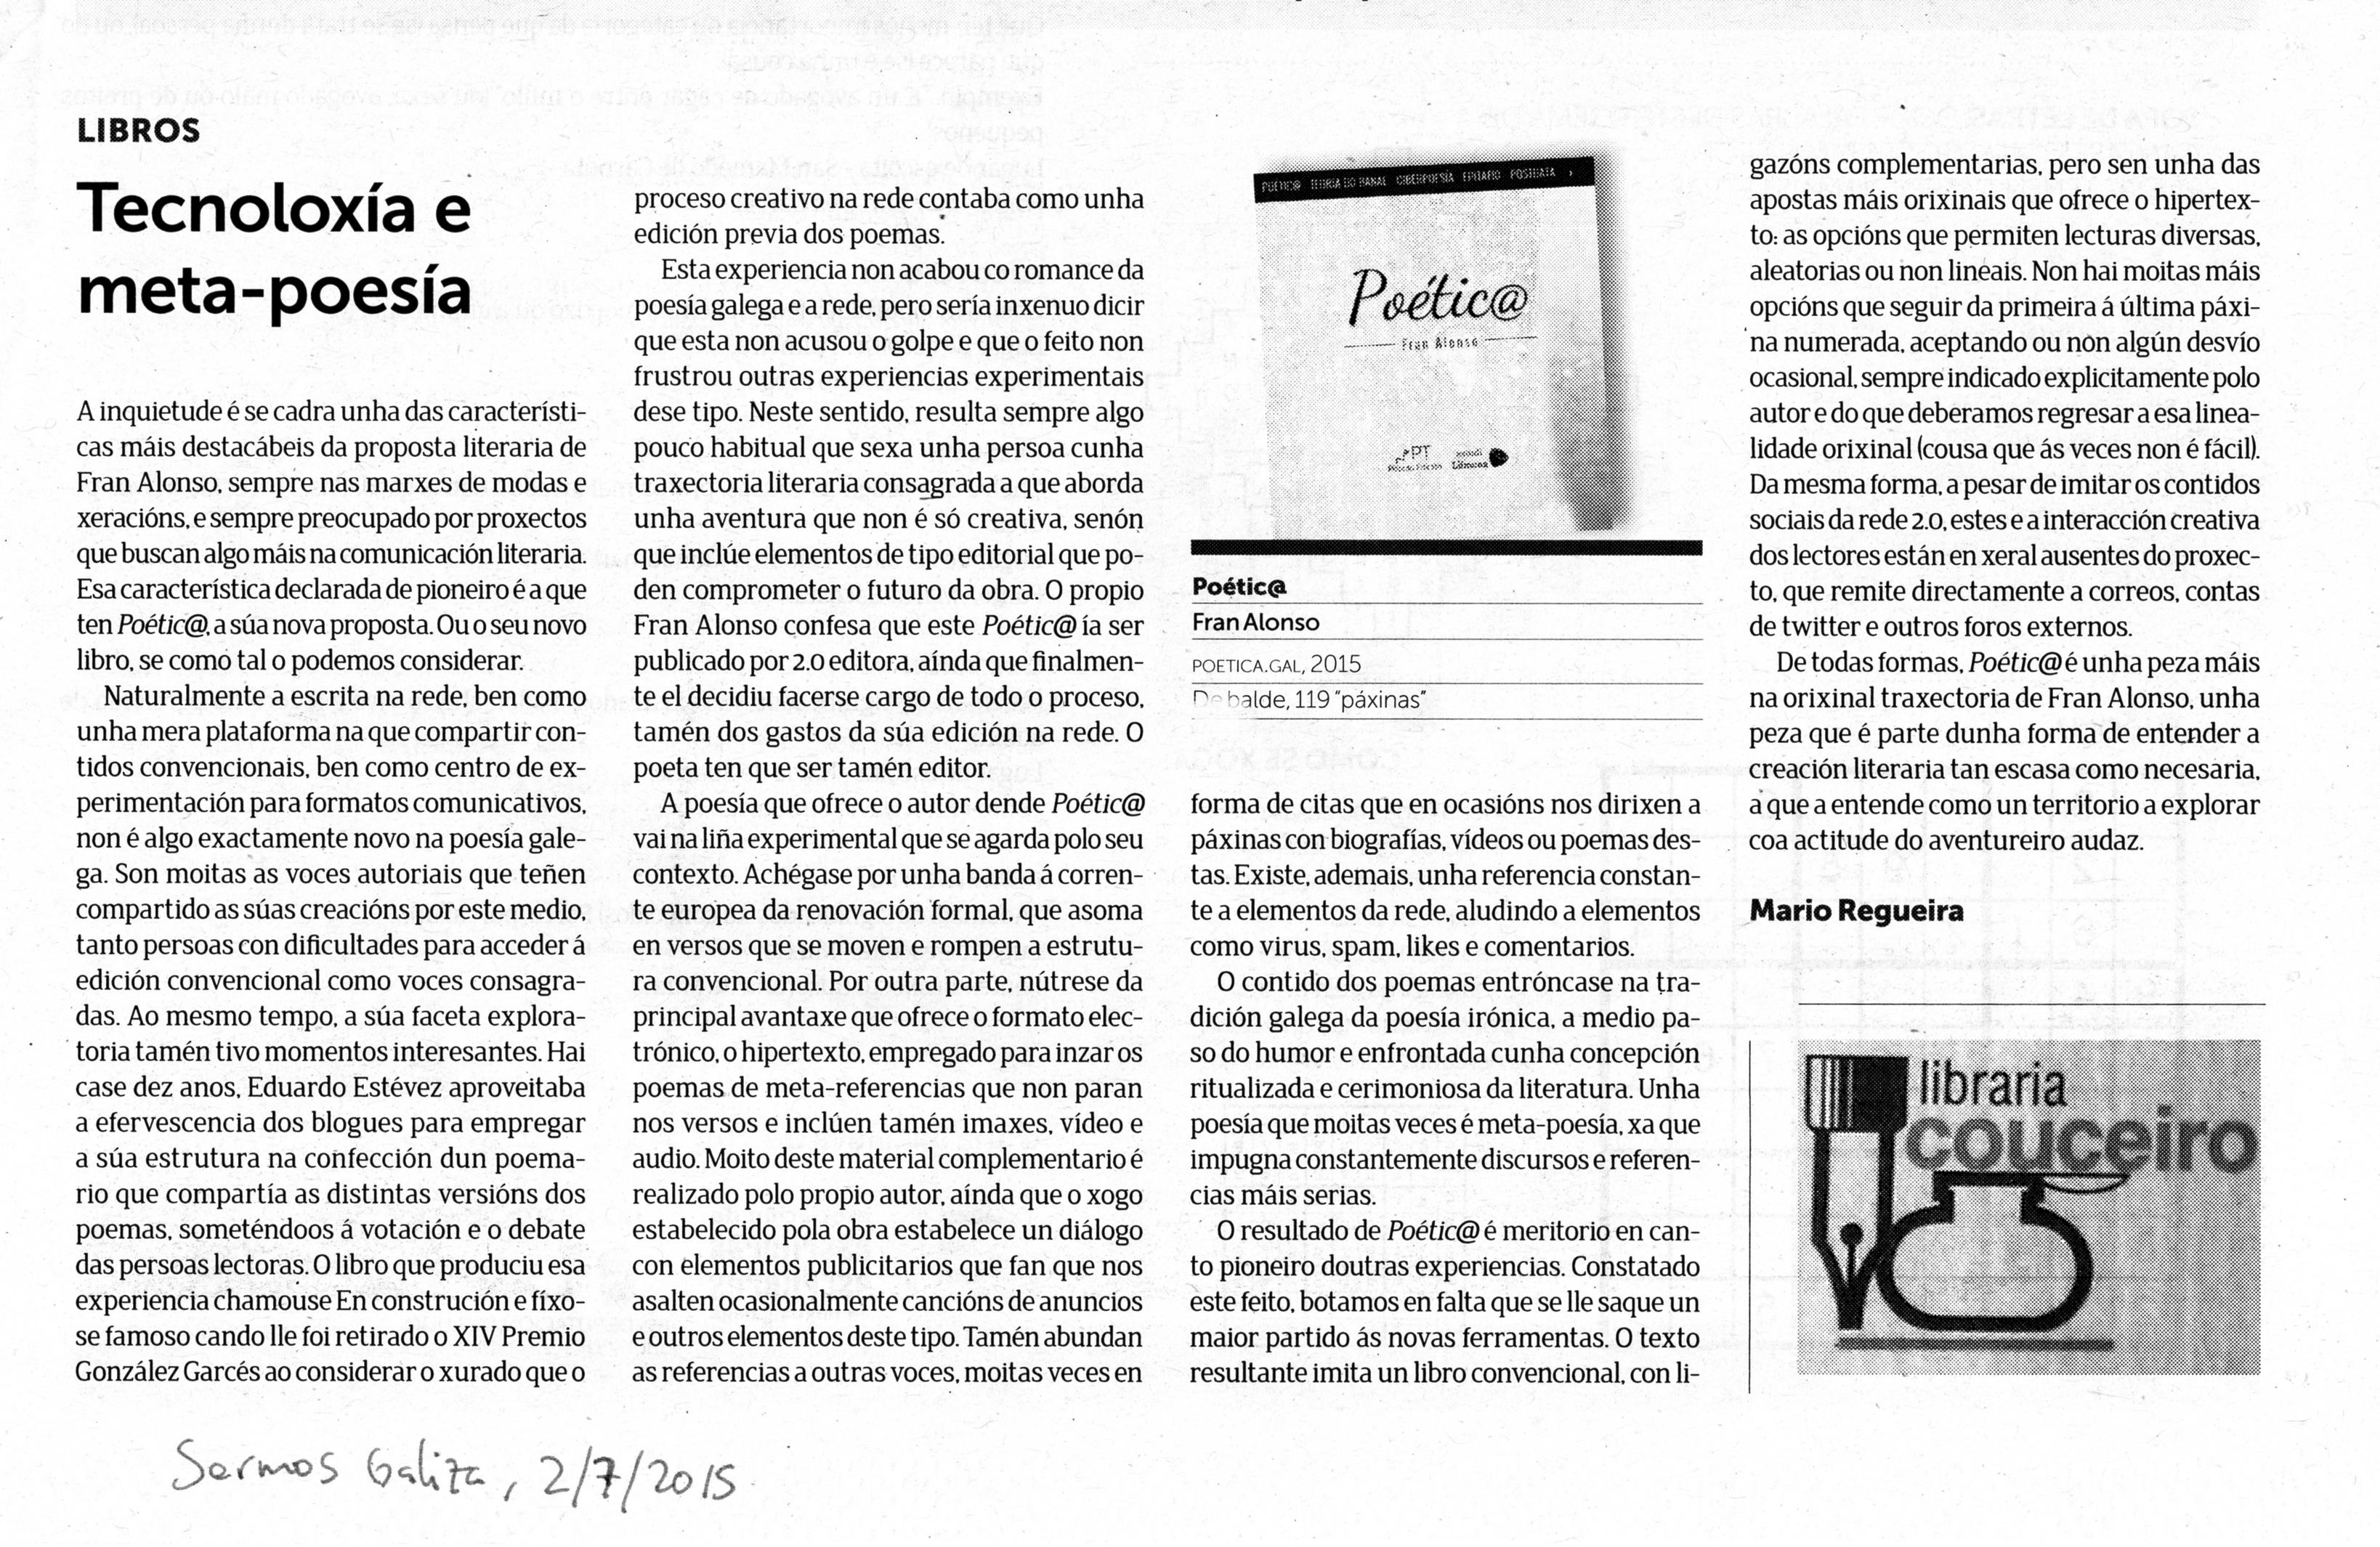 Poetica_Mario Regueira010